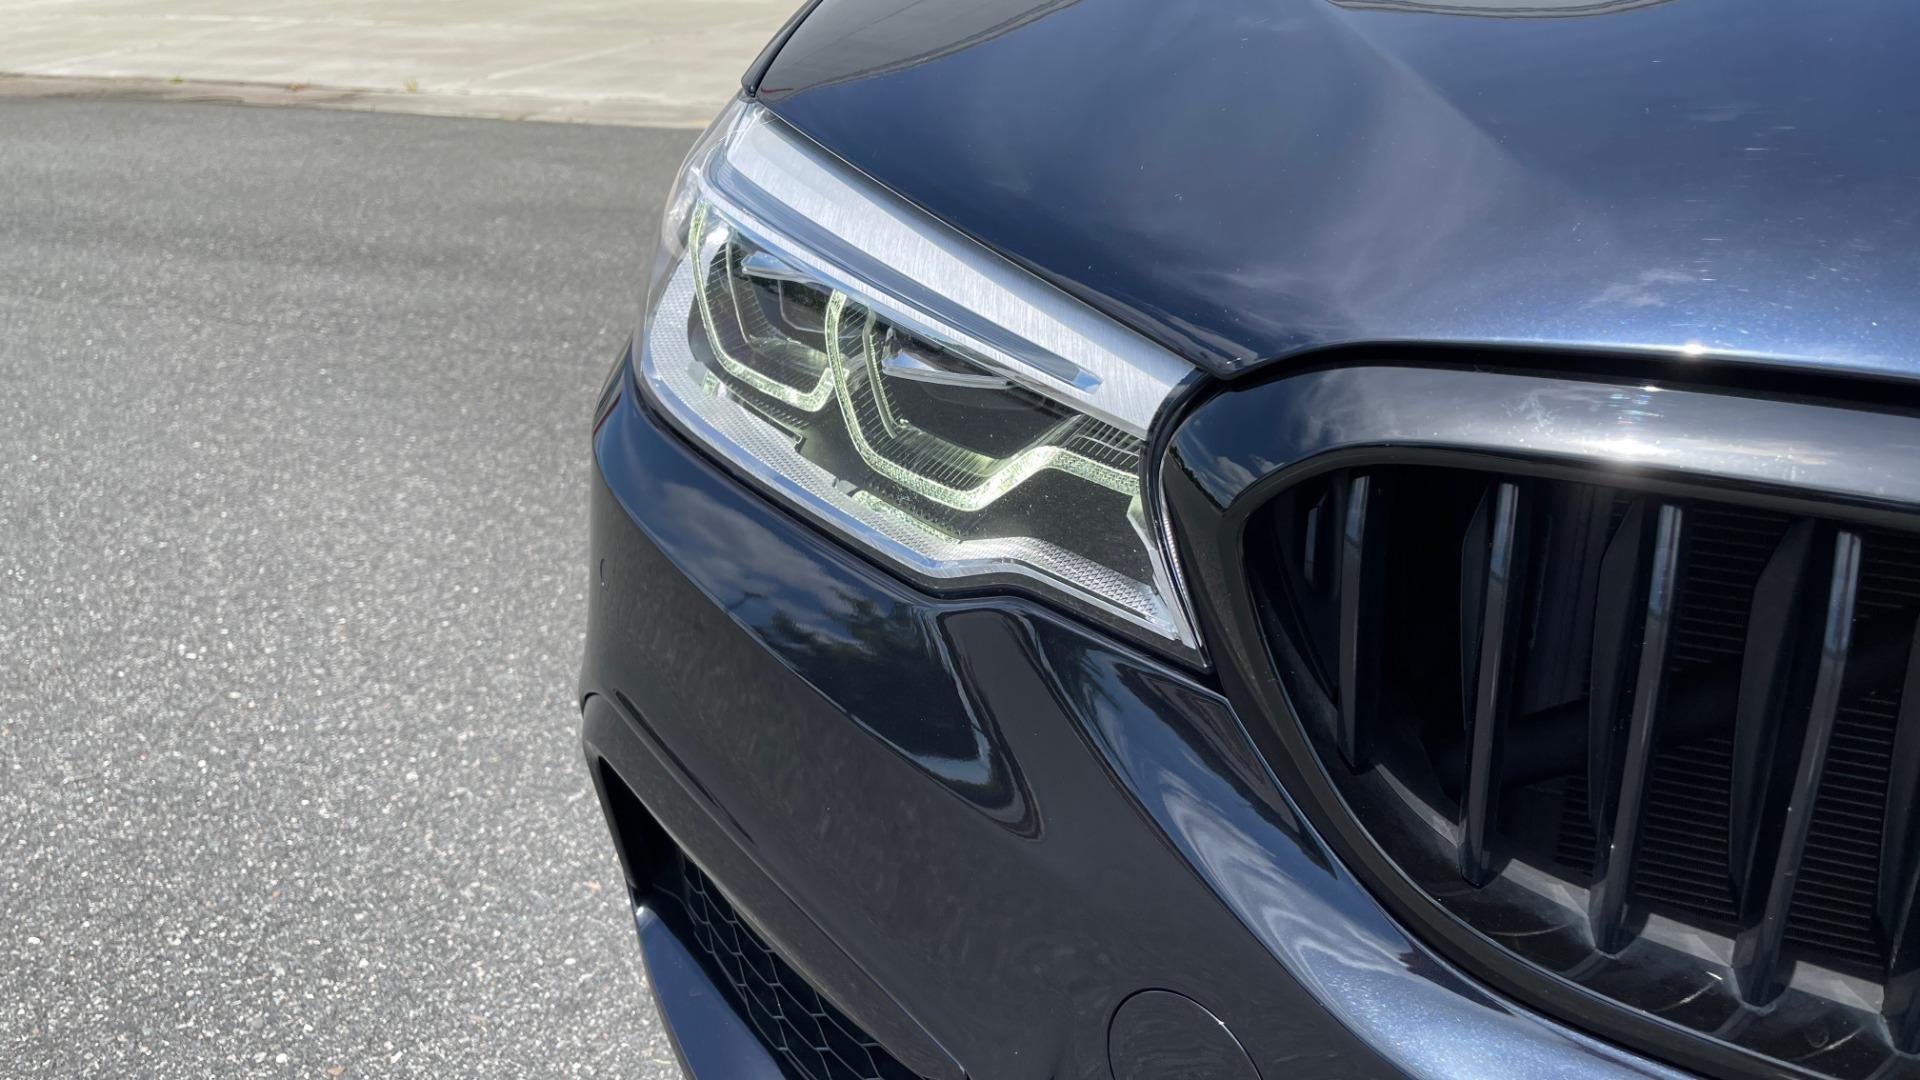 Used 2018 BMW 5 SERIES 540I M-SPORT / EXECUTIVE PKG / DRVR ASST PKG / BLIND SPOT / LANE DEPART for sale $40,995 at Formula Imports in Charlotte NC 28227 15